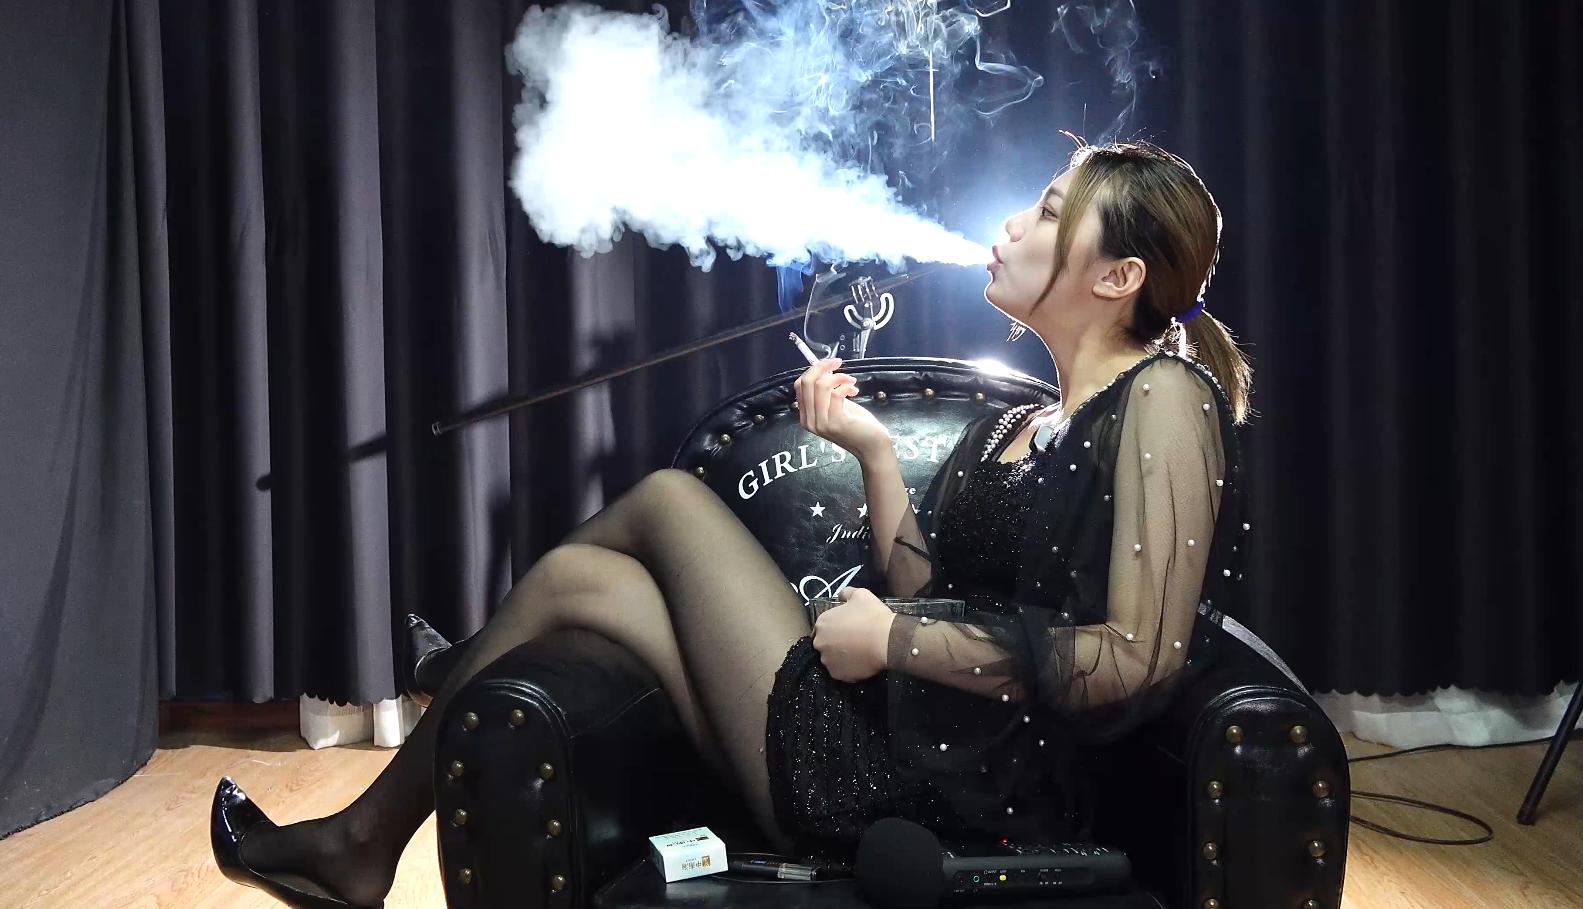 黑丝高跟美女沙发上享受抽烟带来的乐趣(4根烟)